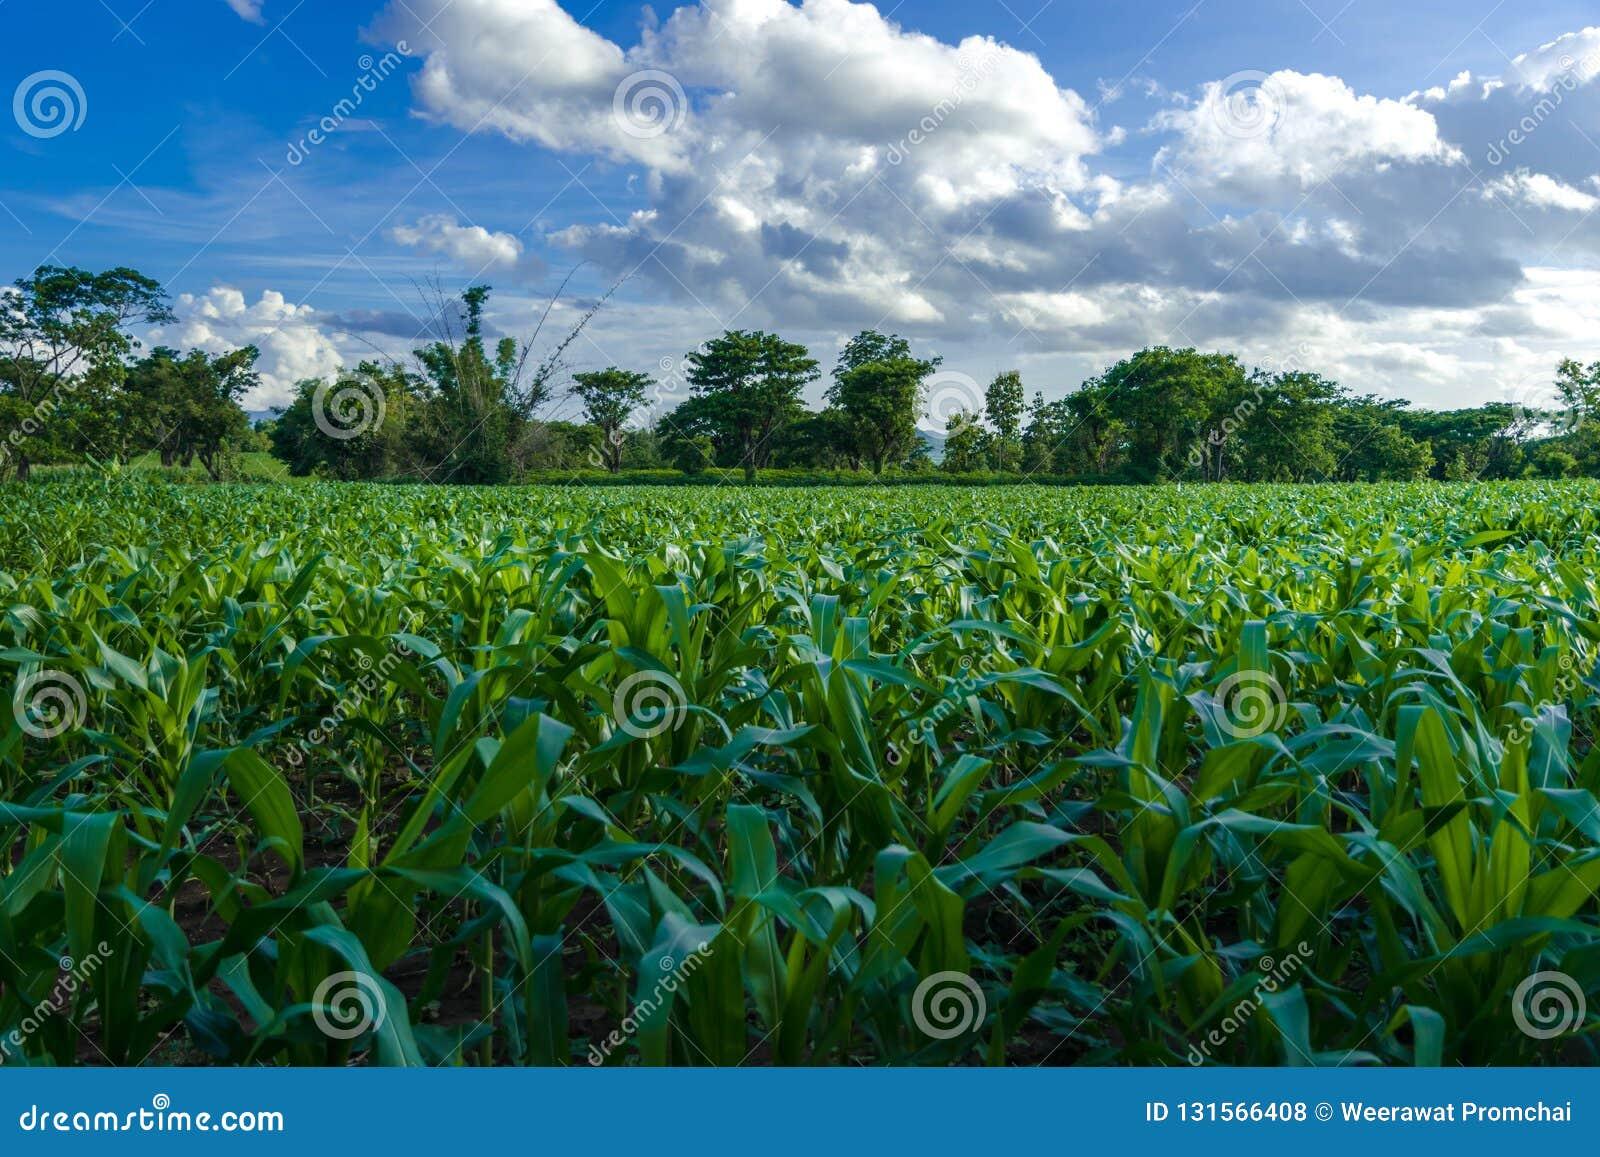 Corn farm and clear blue sky